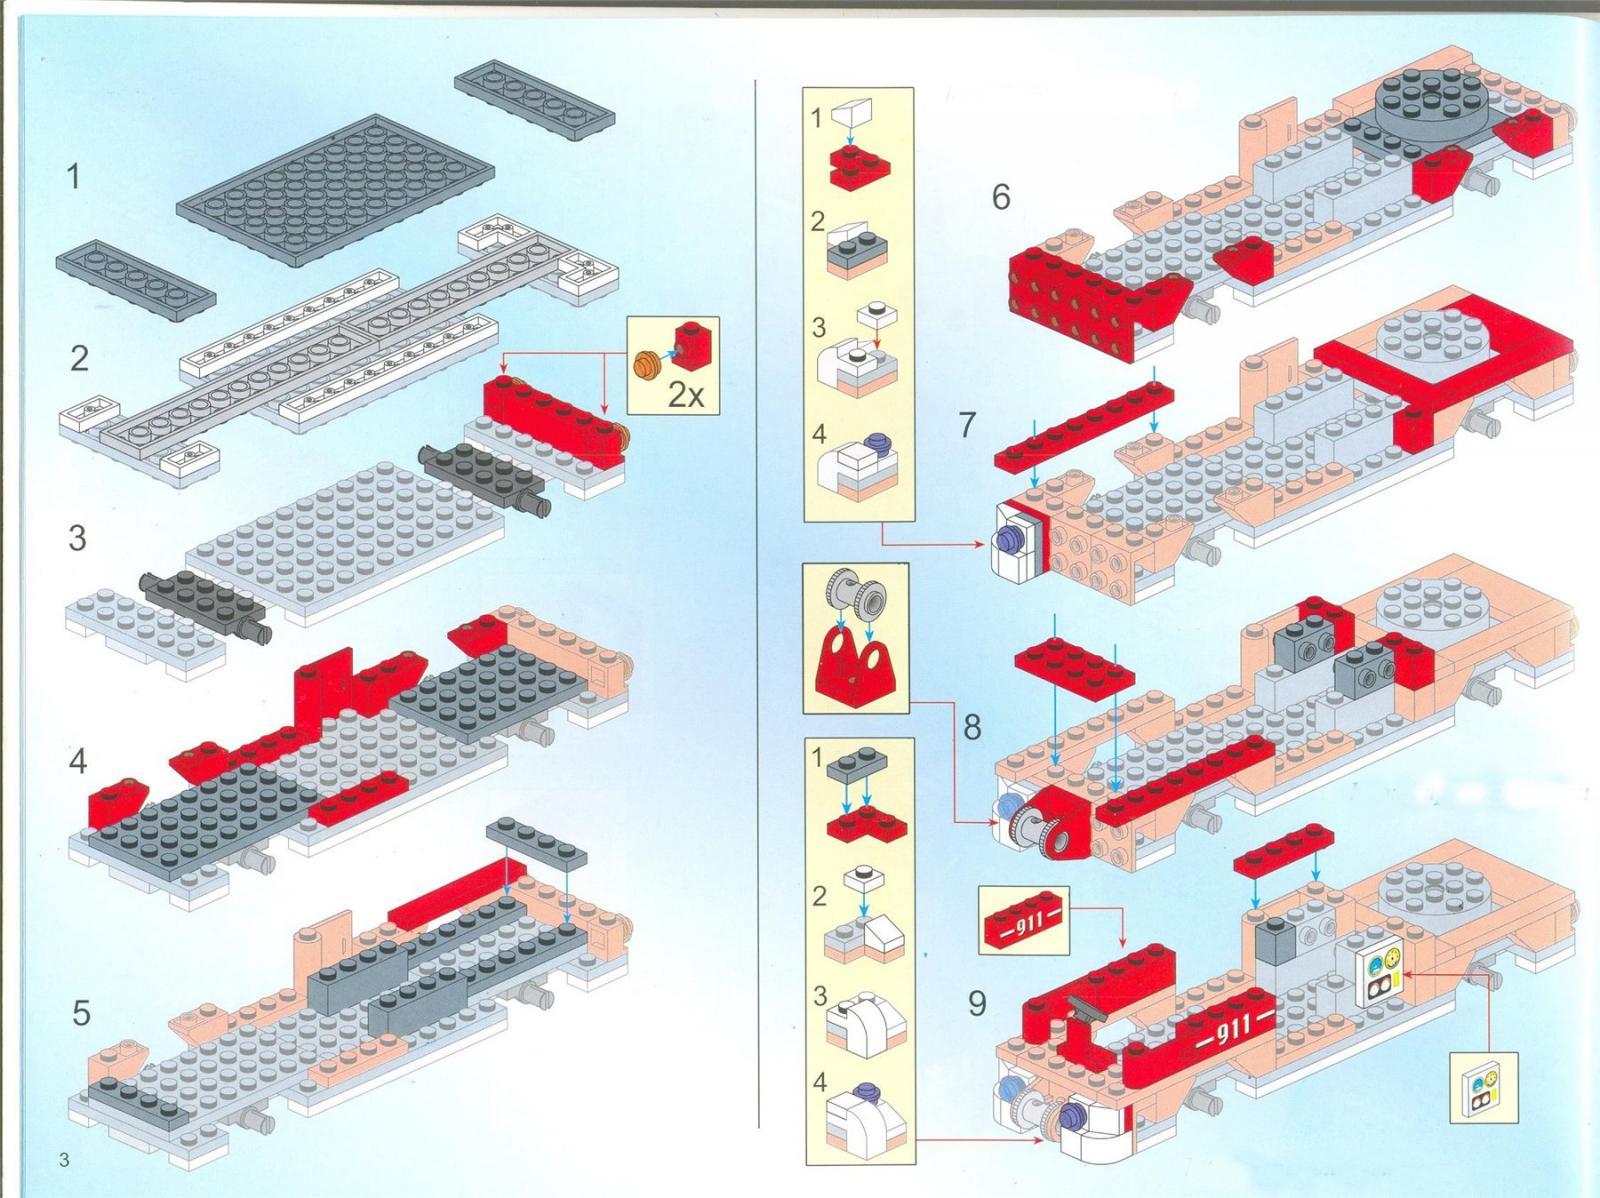 инструкция по сборке лего пожарная машина pn60107